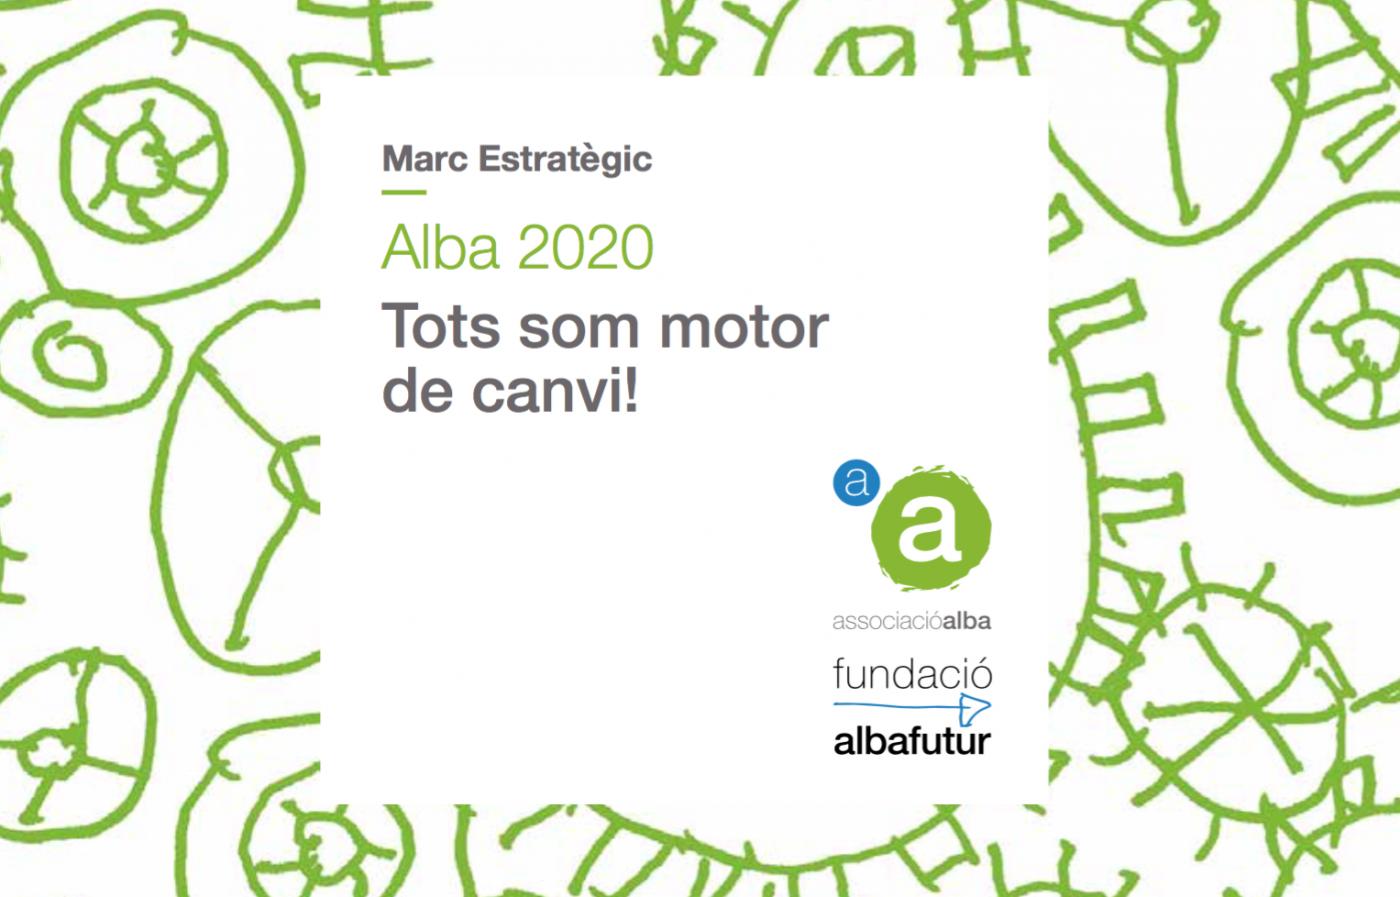 """Presentem el nou llibret del Marc Estratègic: """"Alba 2020, tots som motor de canvi"""""""